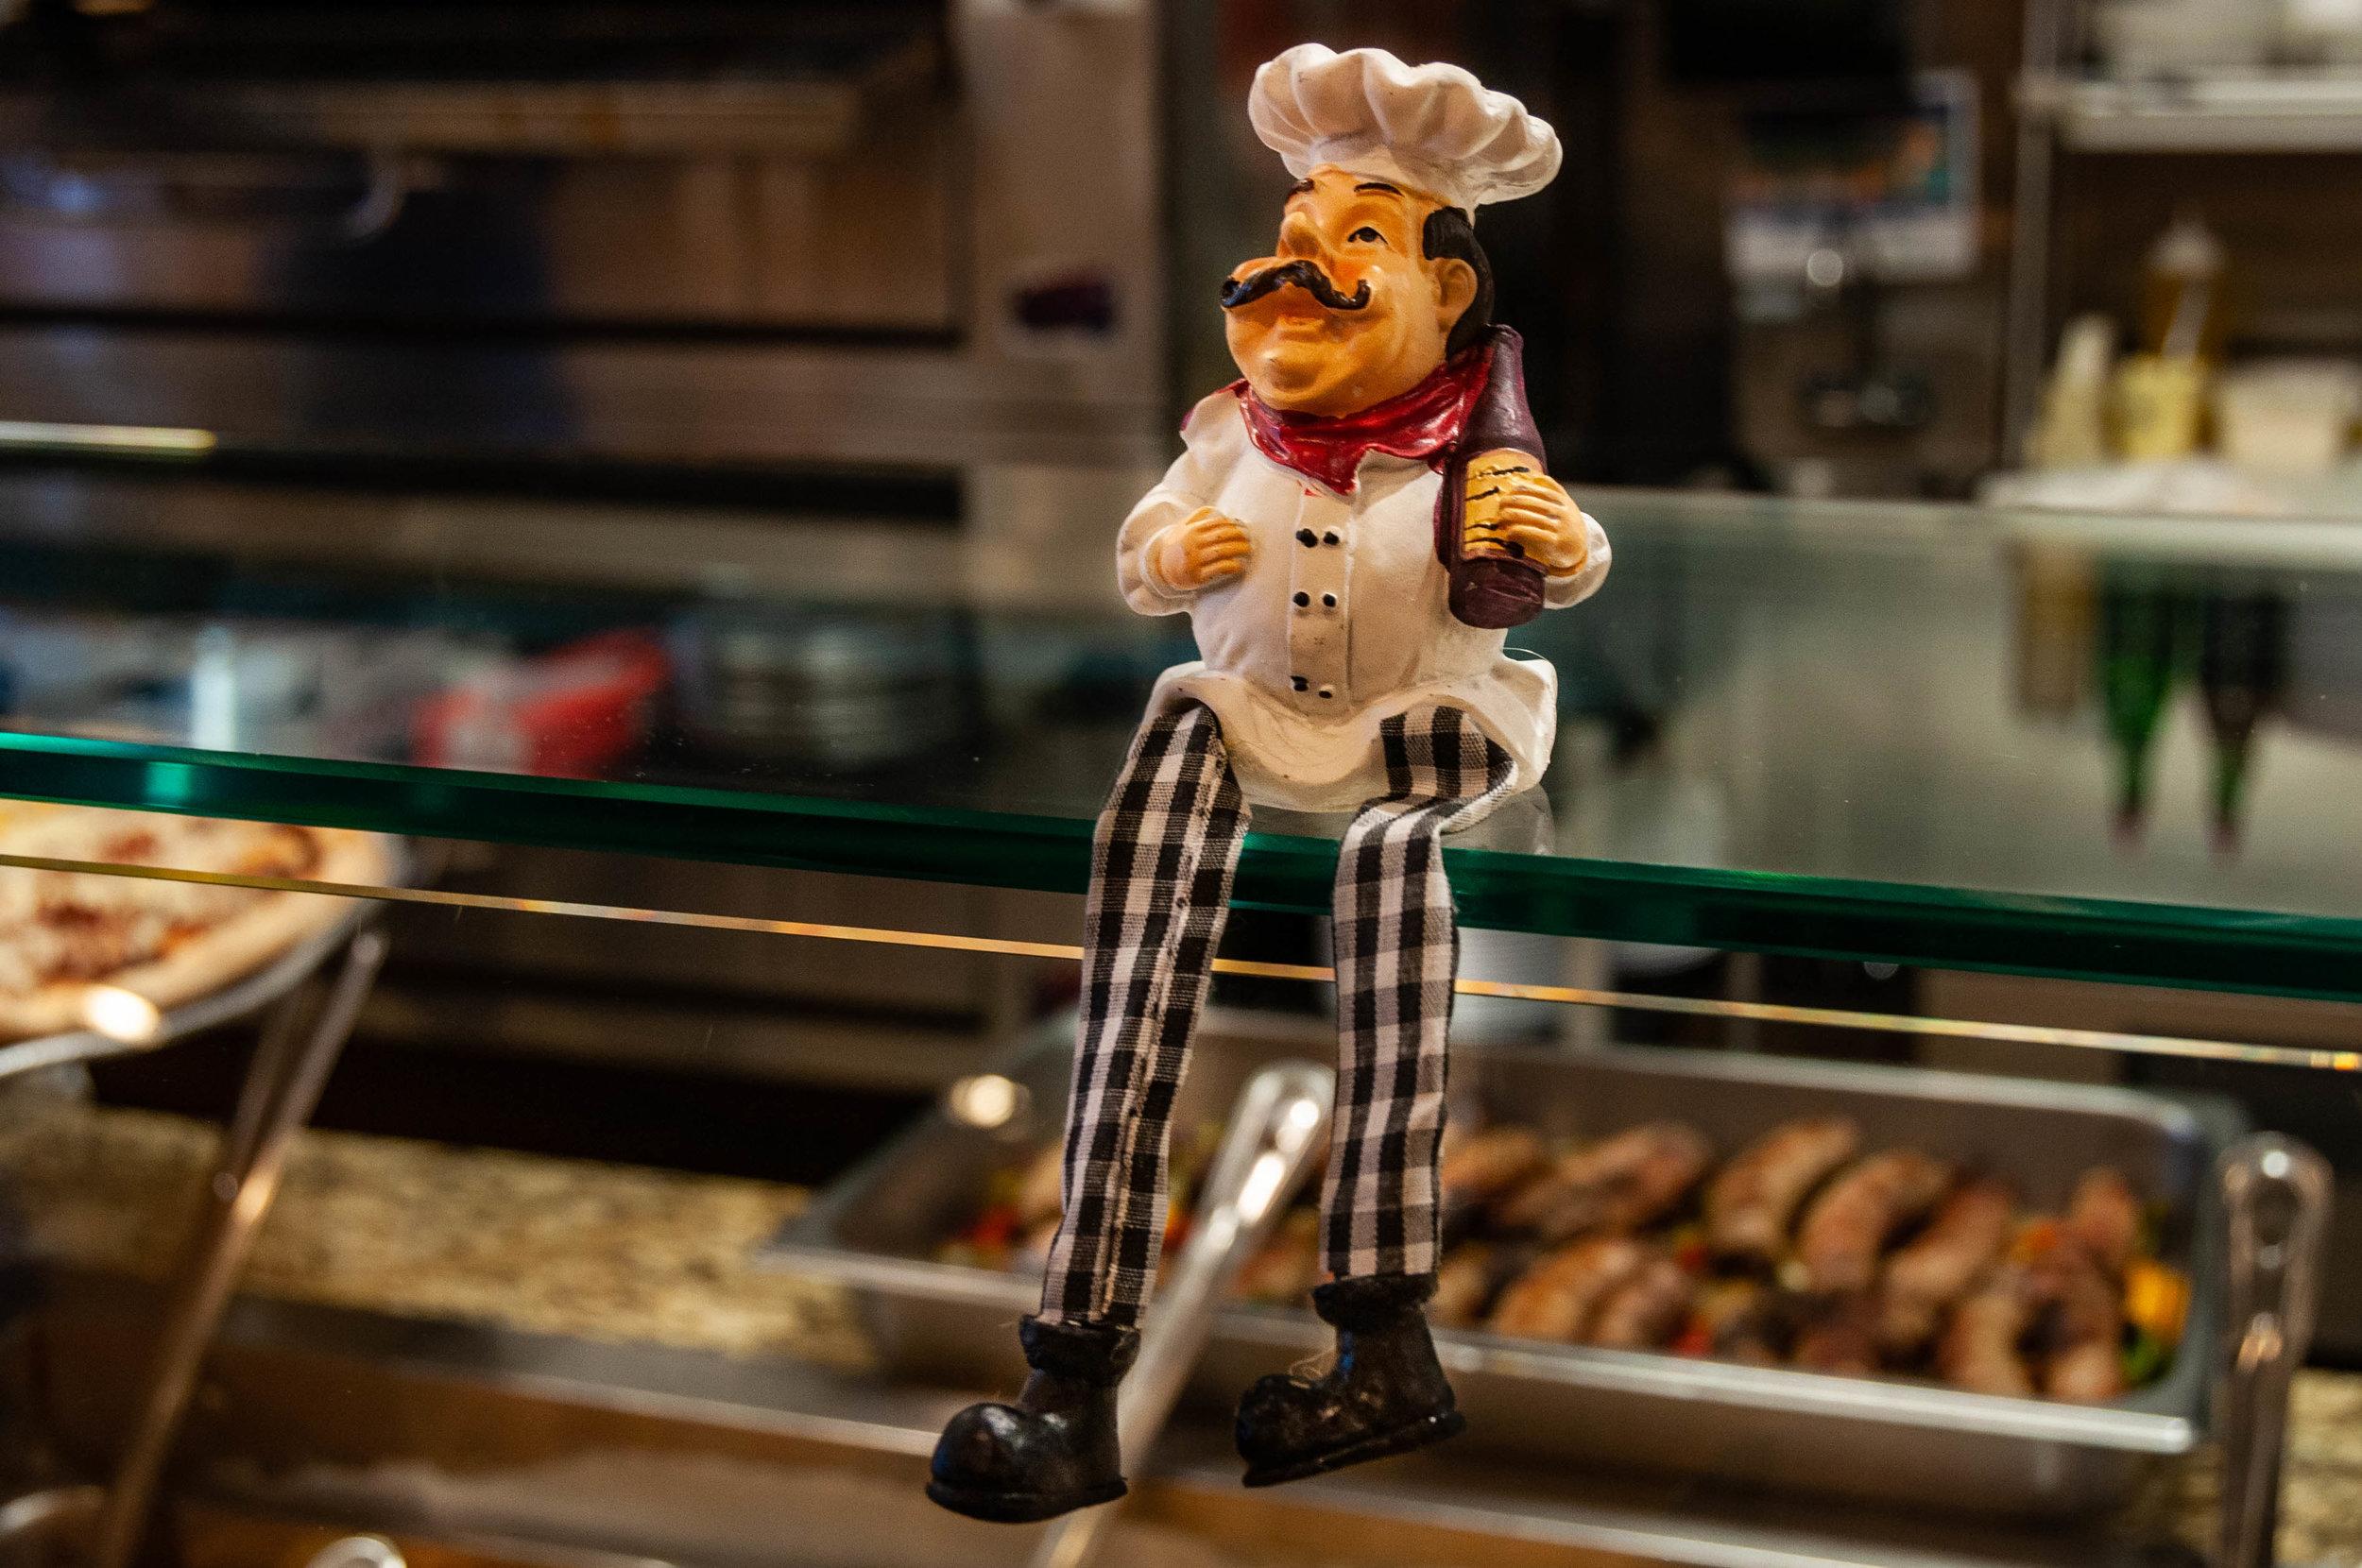 Bravo Pizza West Chester Pa - Super Mario The Chef.jpg